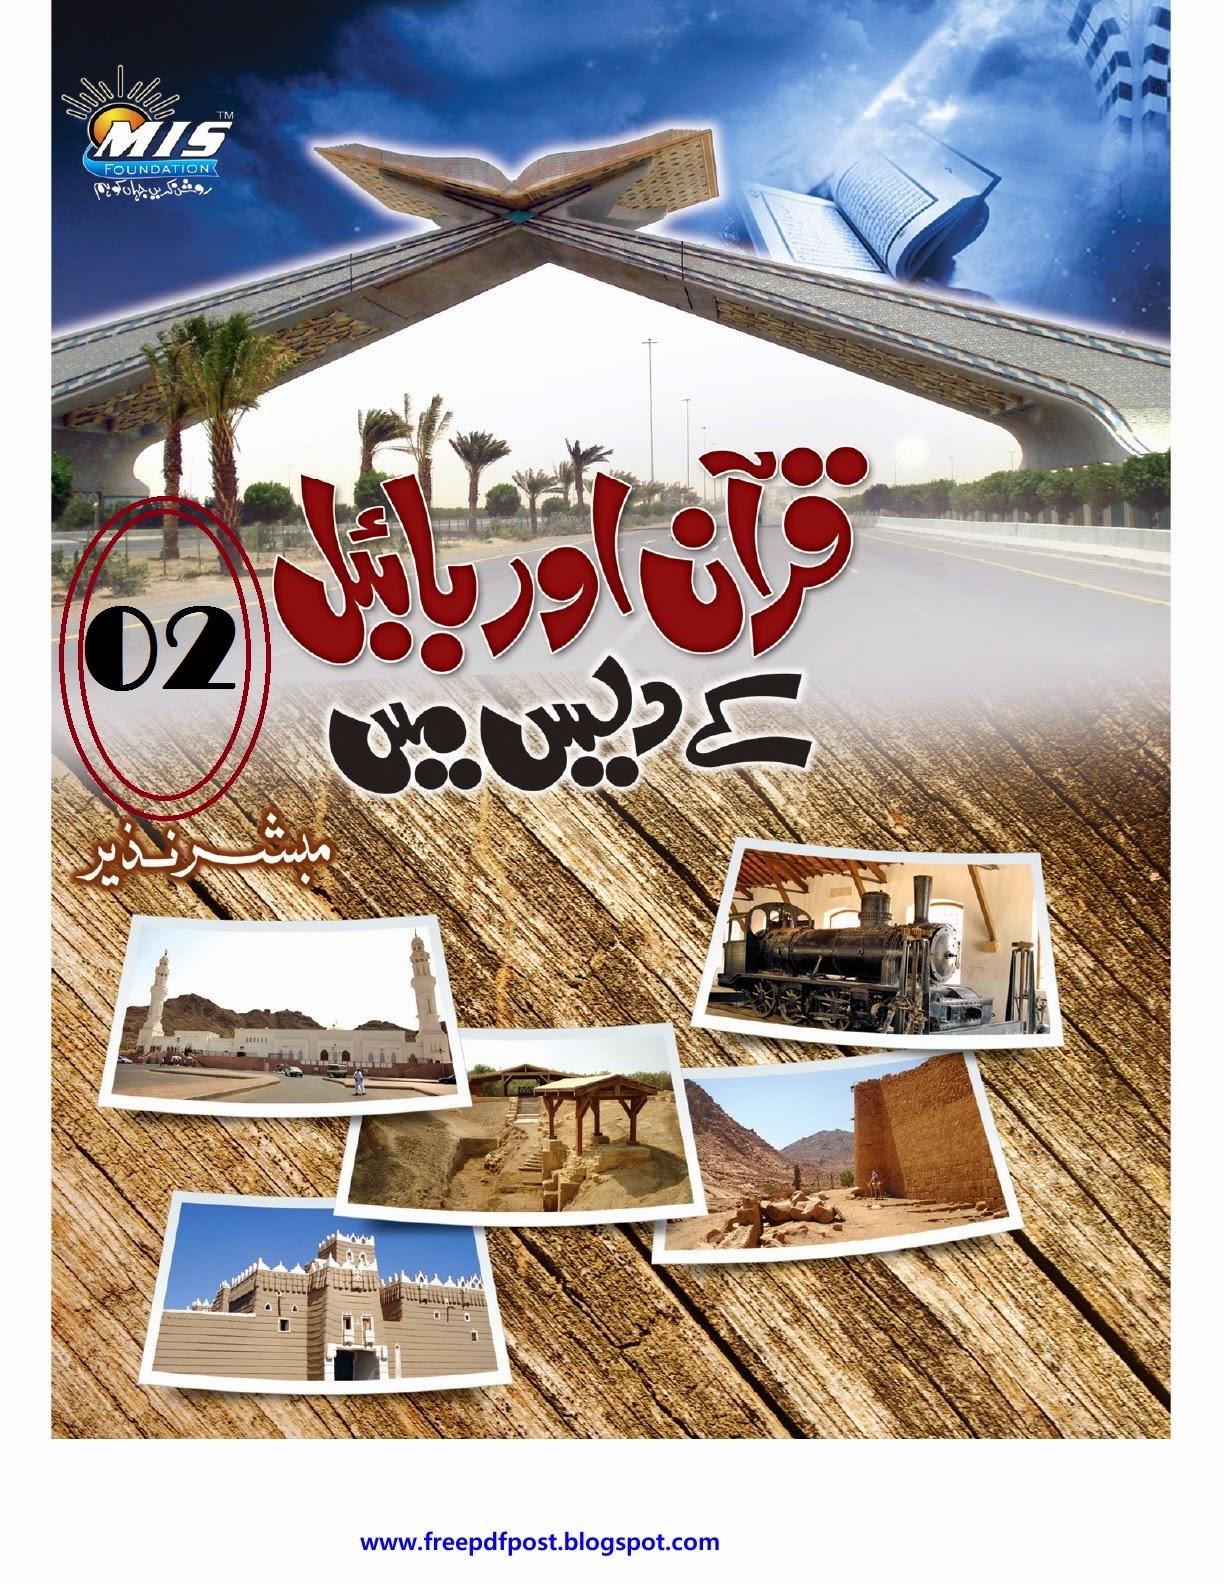 http://www.mediafire.com/view/008xiuopw6y1f7w/Jordan_Egypt-.pdf